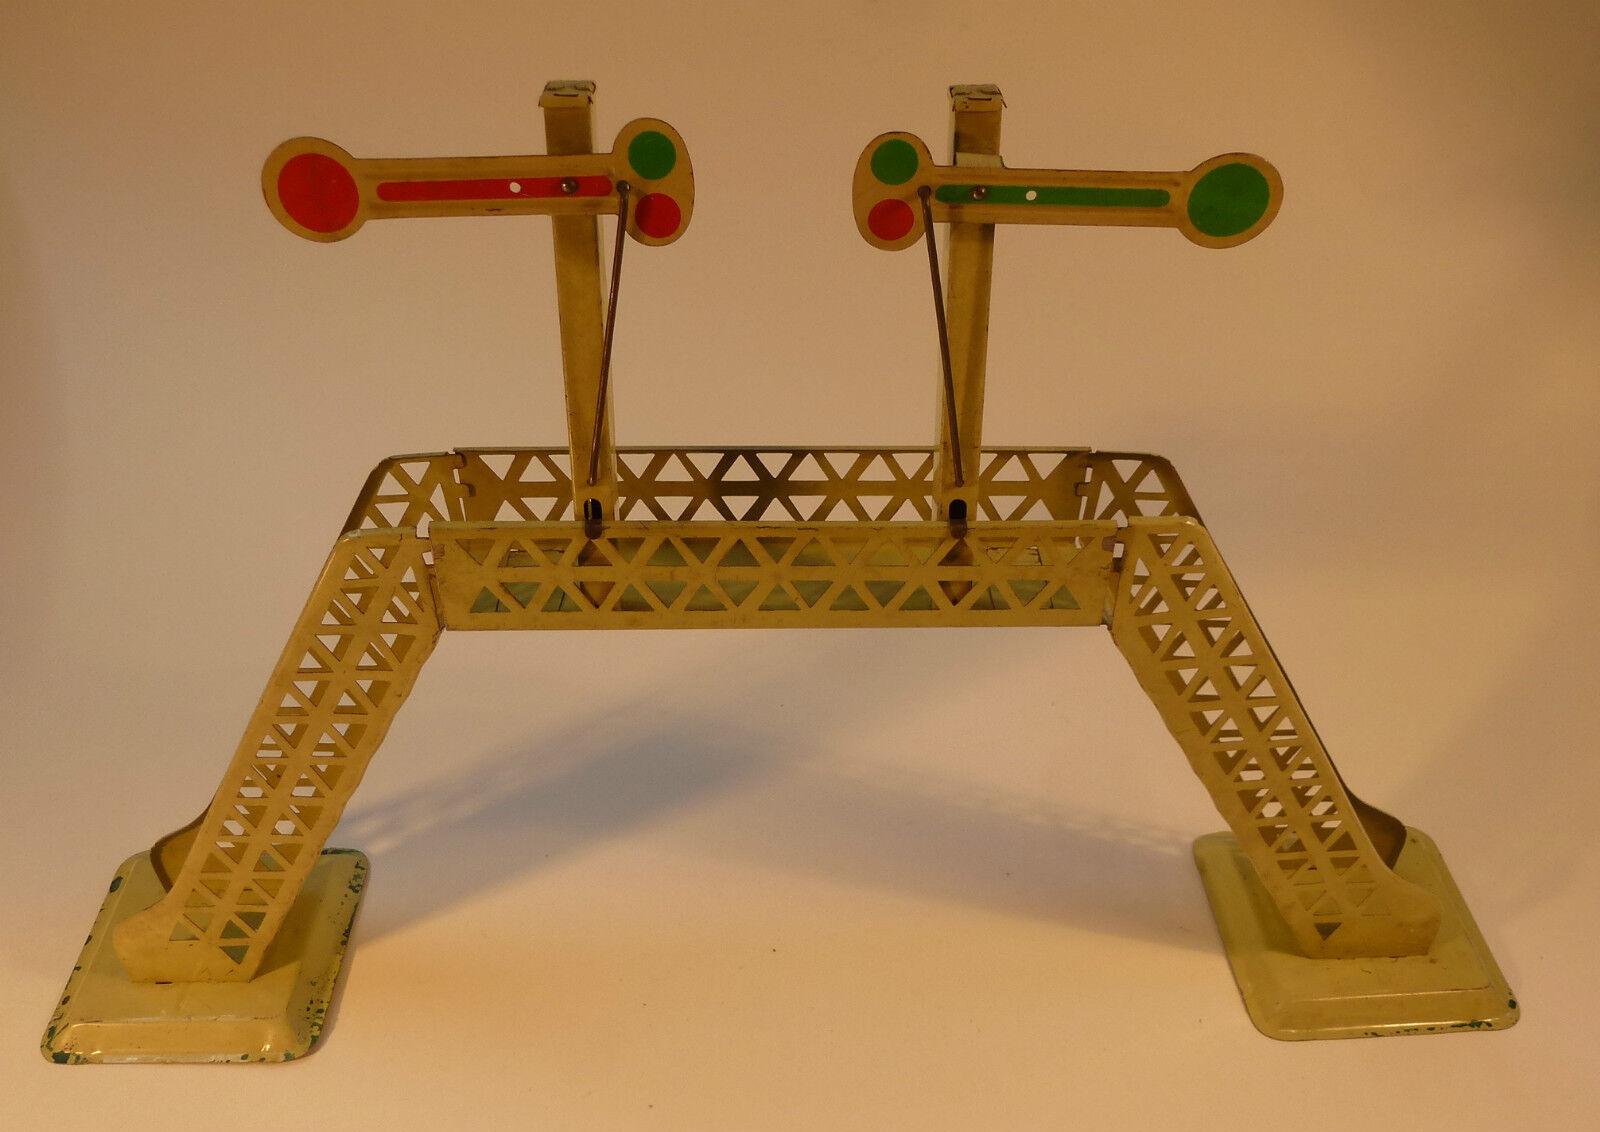 Ponte segnale ponte traccia 0 Ferrovia Giocattoli Giocattoli di latta ferroviario LAMIERA